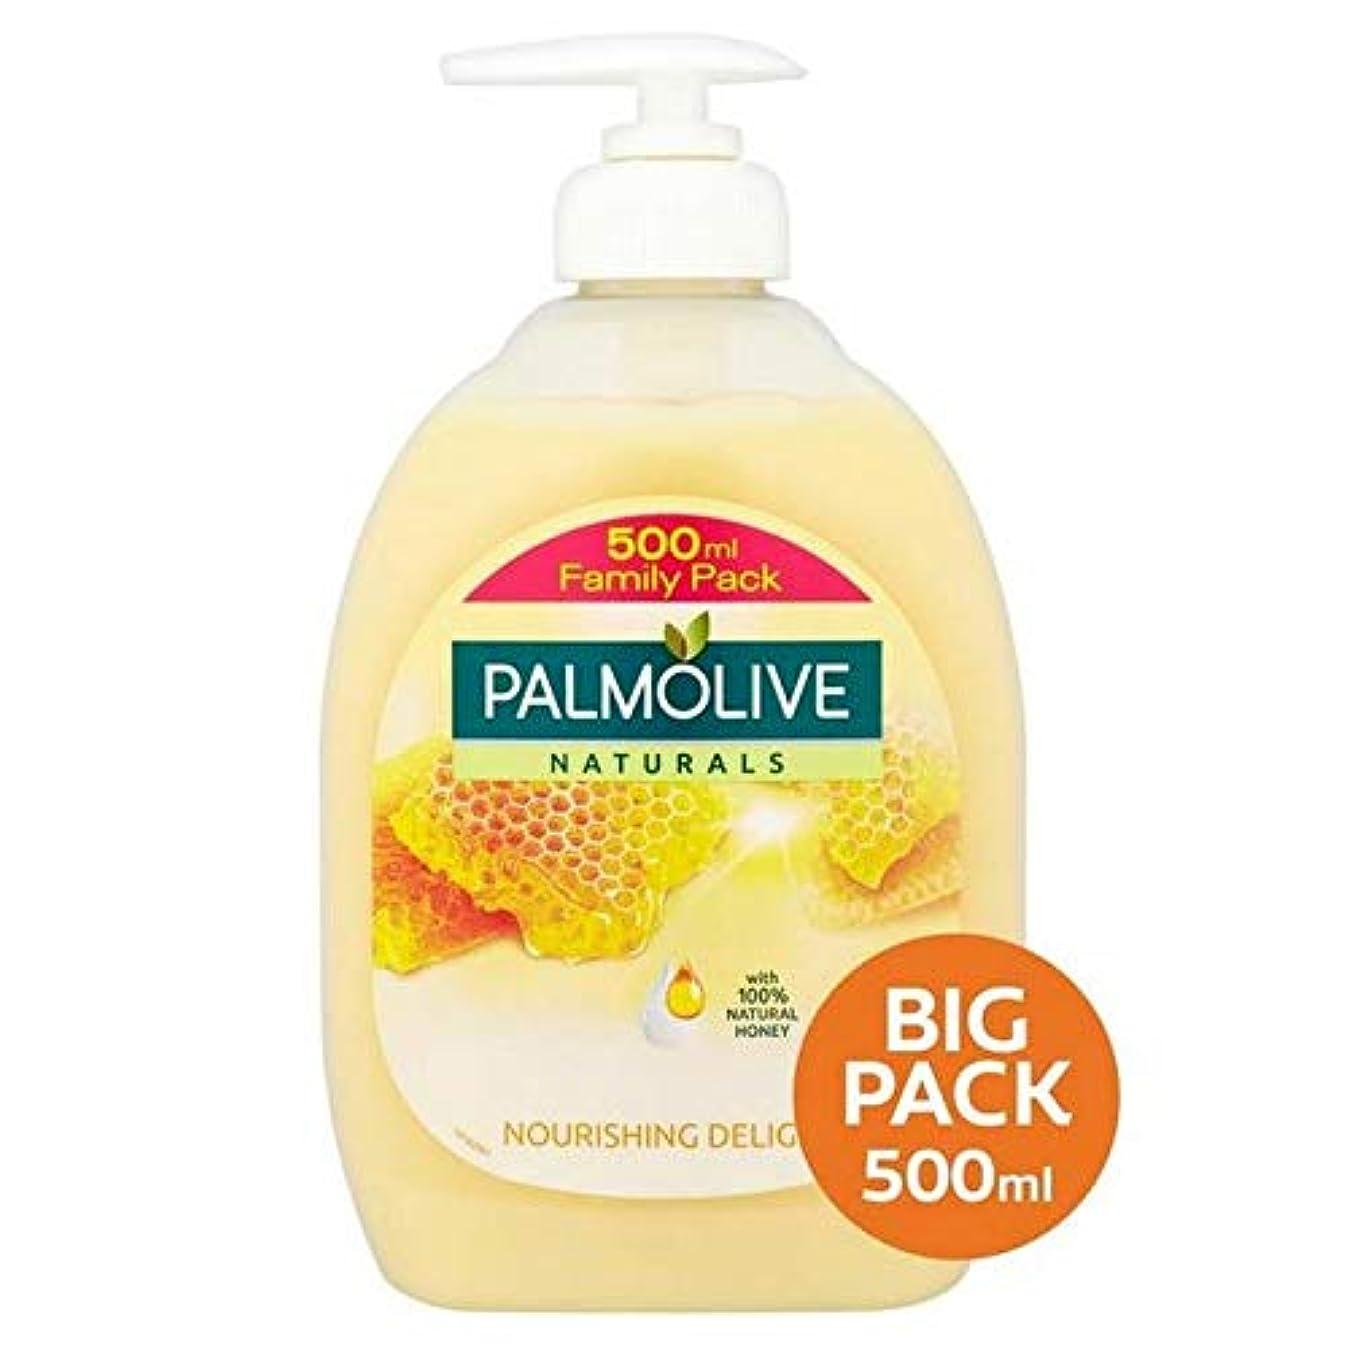 シンジケート是正シャッフル[Palmolive ] パルモライブナチュラルミルク&ハニーの手洗いの500ミリリットル - Palmolive Naturals Milk & Honey Handwash 500ml [並行輸入品]